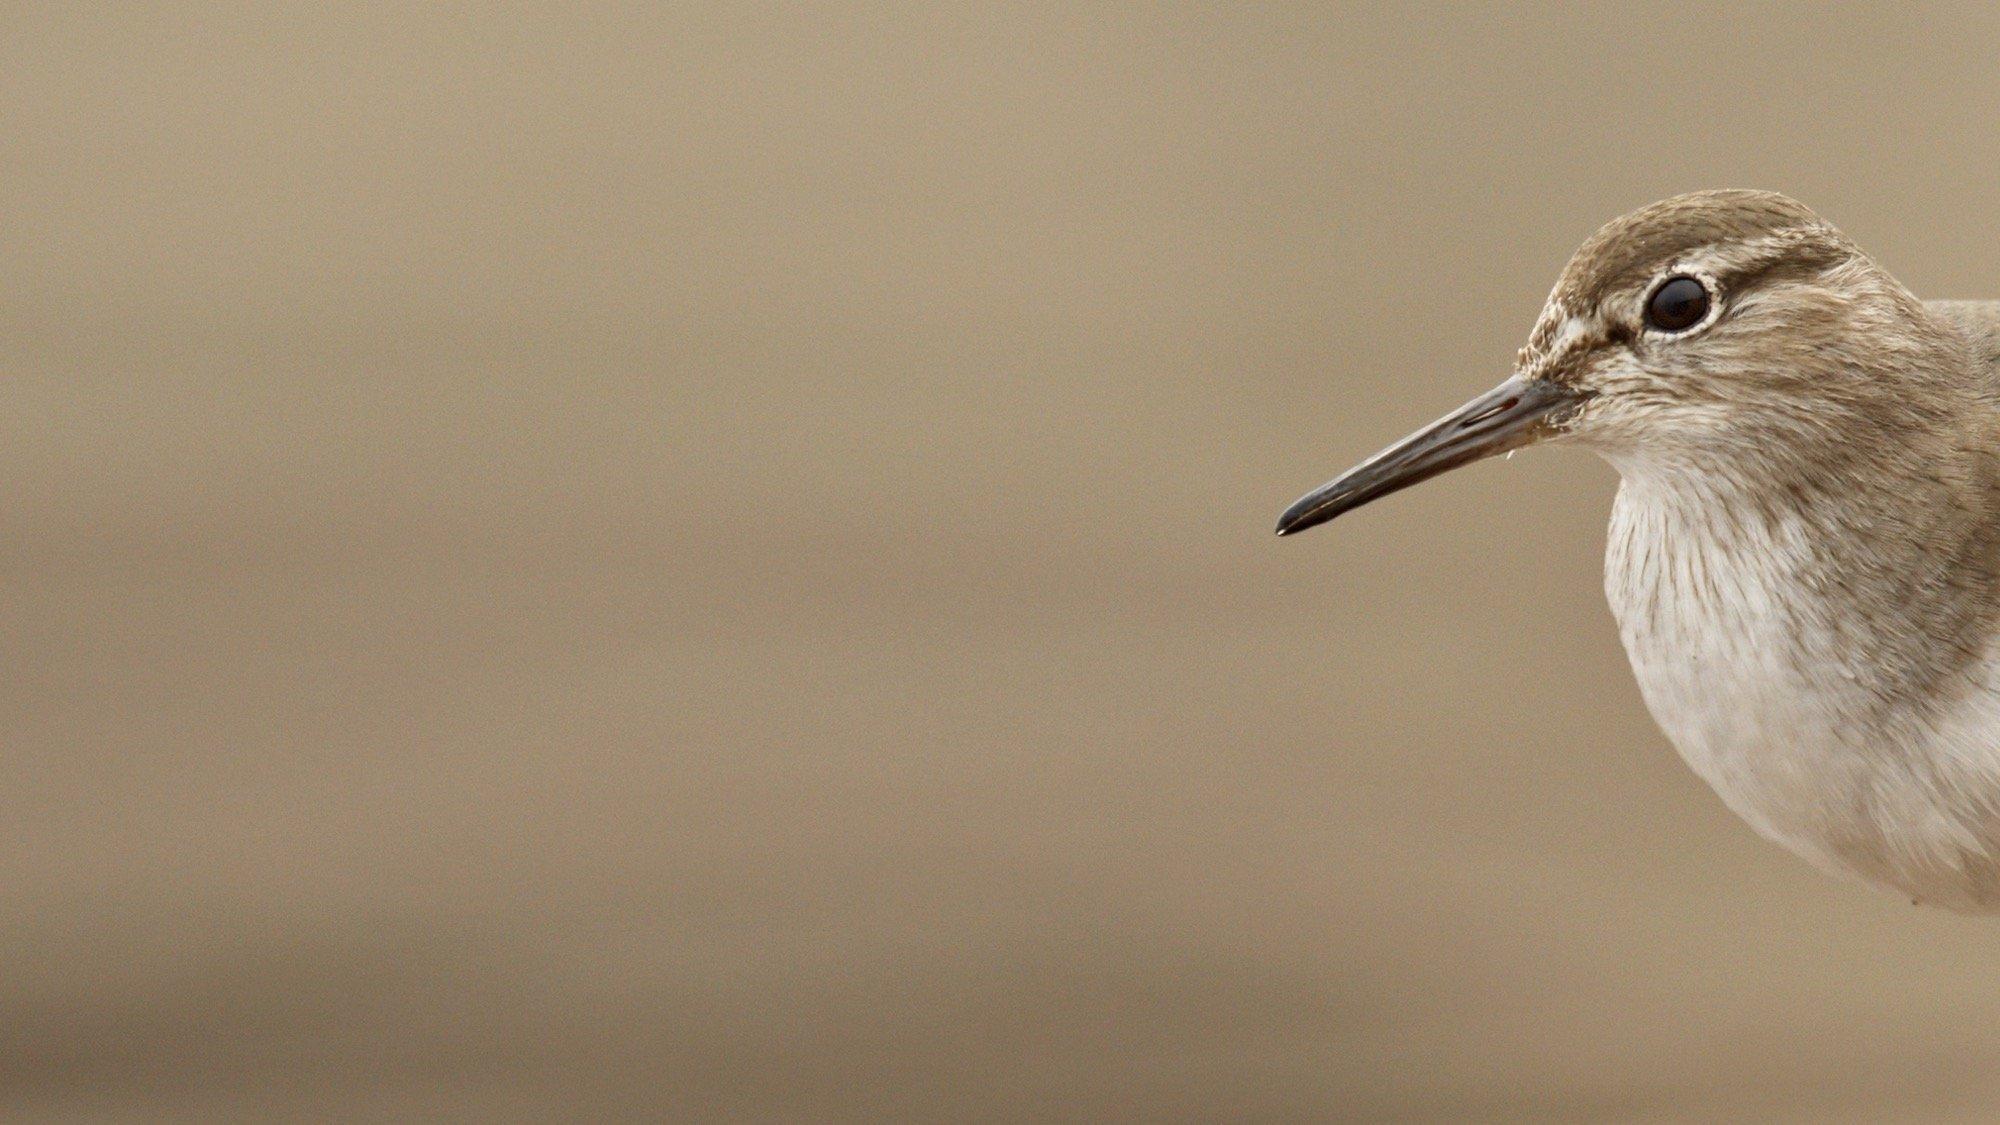 Der Vogel ist an einem Ufer zu sehen, ein typischer Lebensraum für ihn.